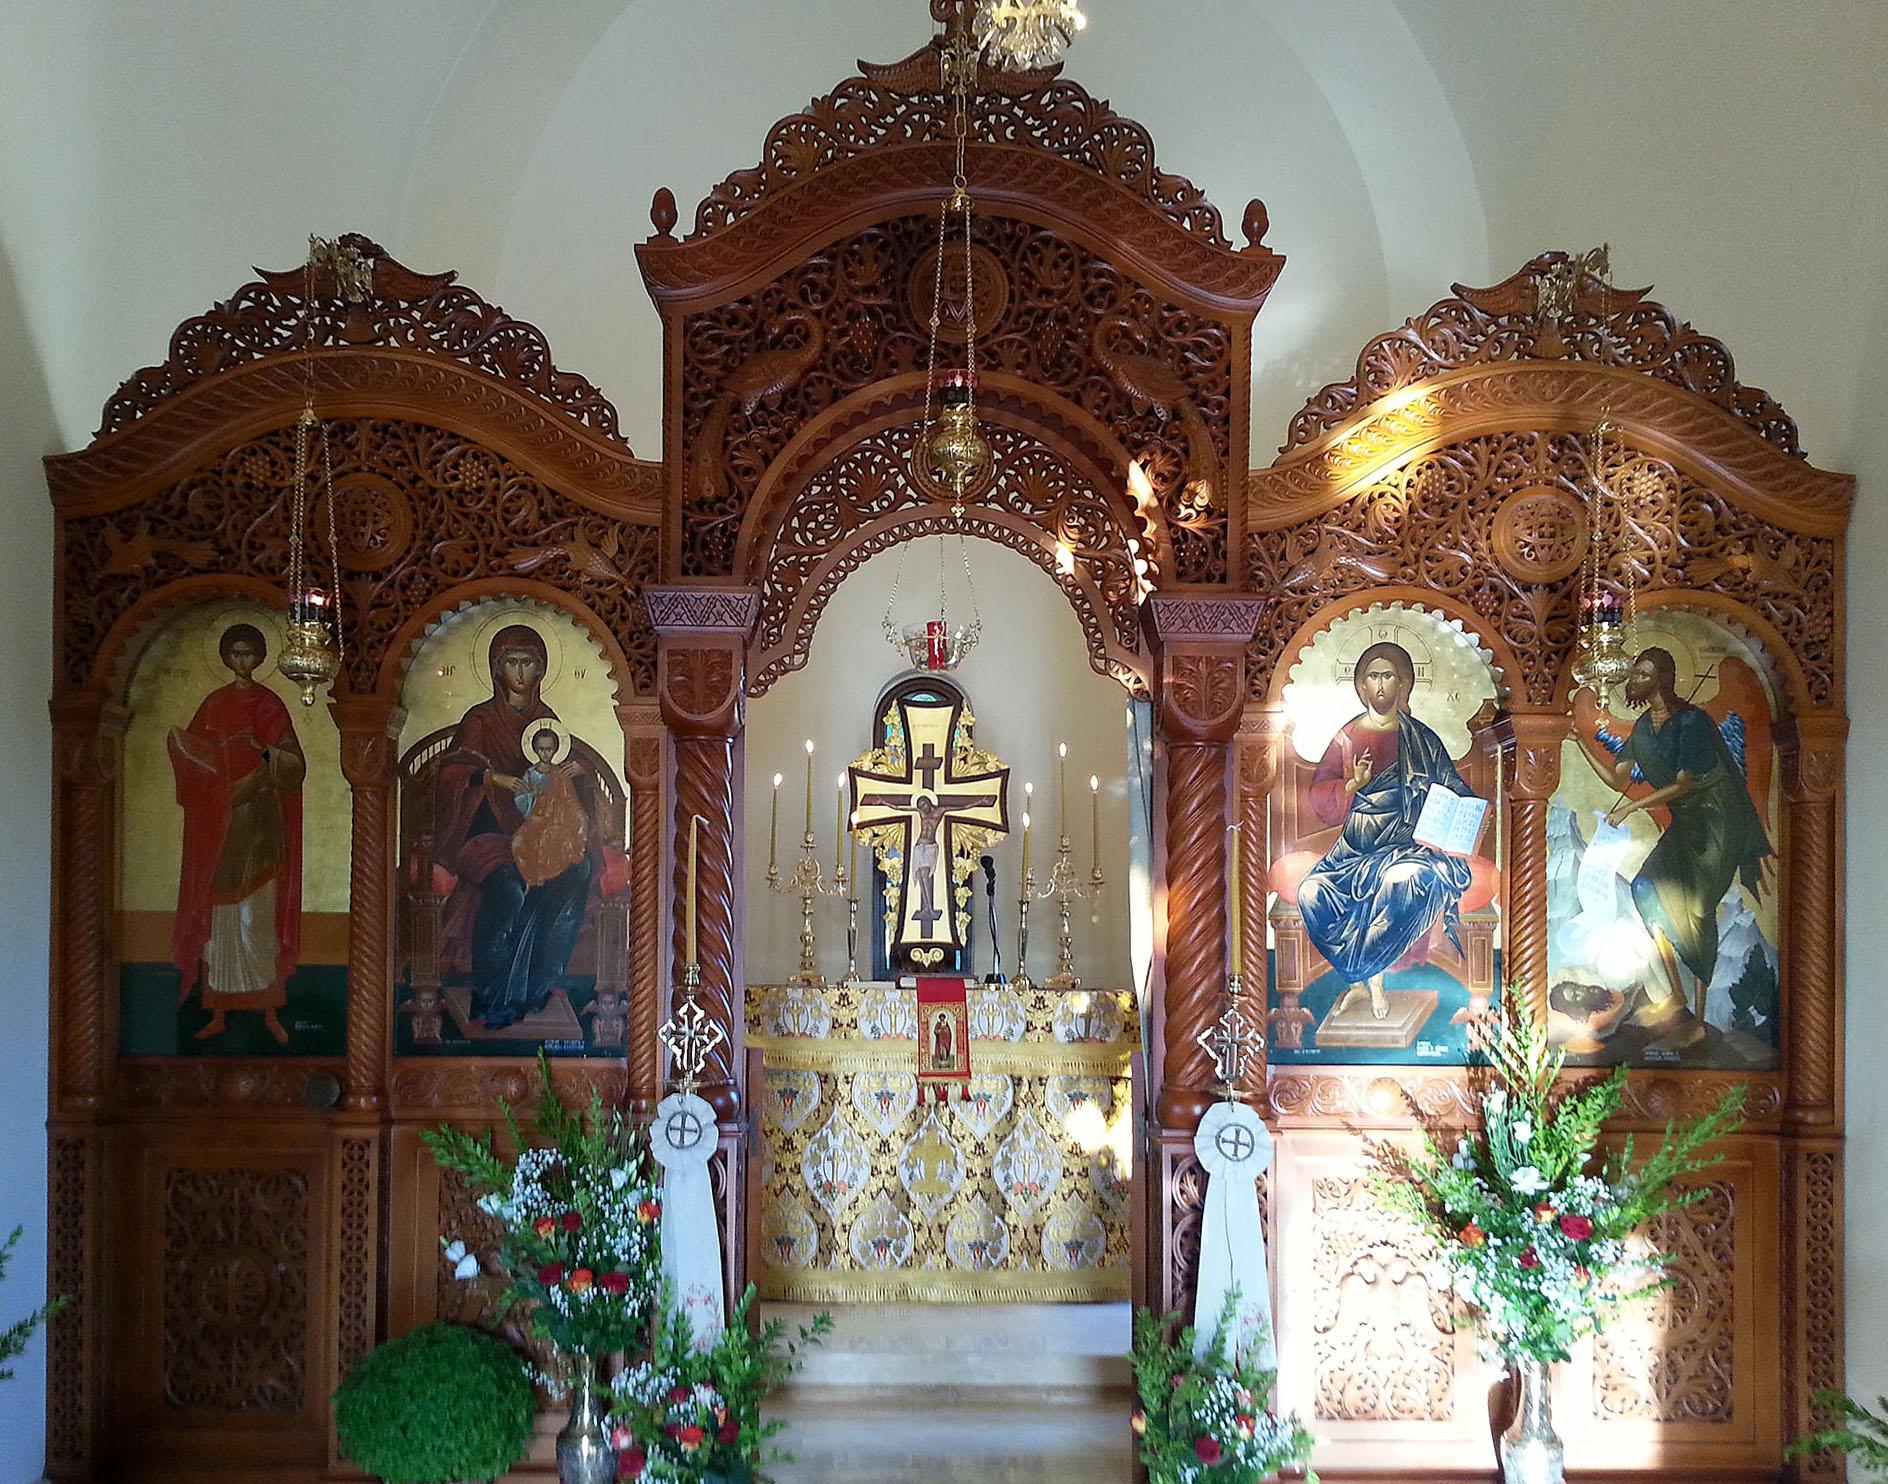 Μνήμη του Αγίου Μεγαλομάρτυρος και Ιαματικού Παντελεήμονος - Ι. Ν. στο Επισκοπείο της Ι. Μητροπόλεως Ρεθύμνης και Αυλοποτάμου